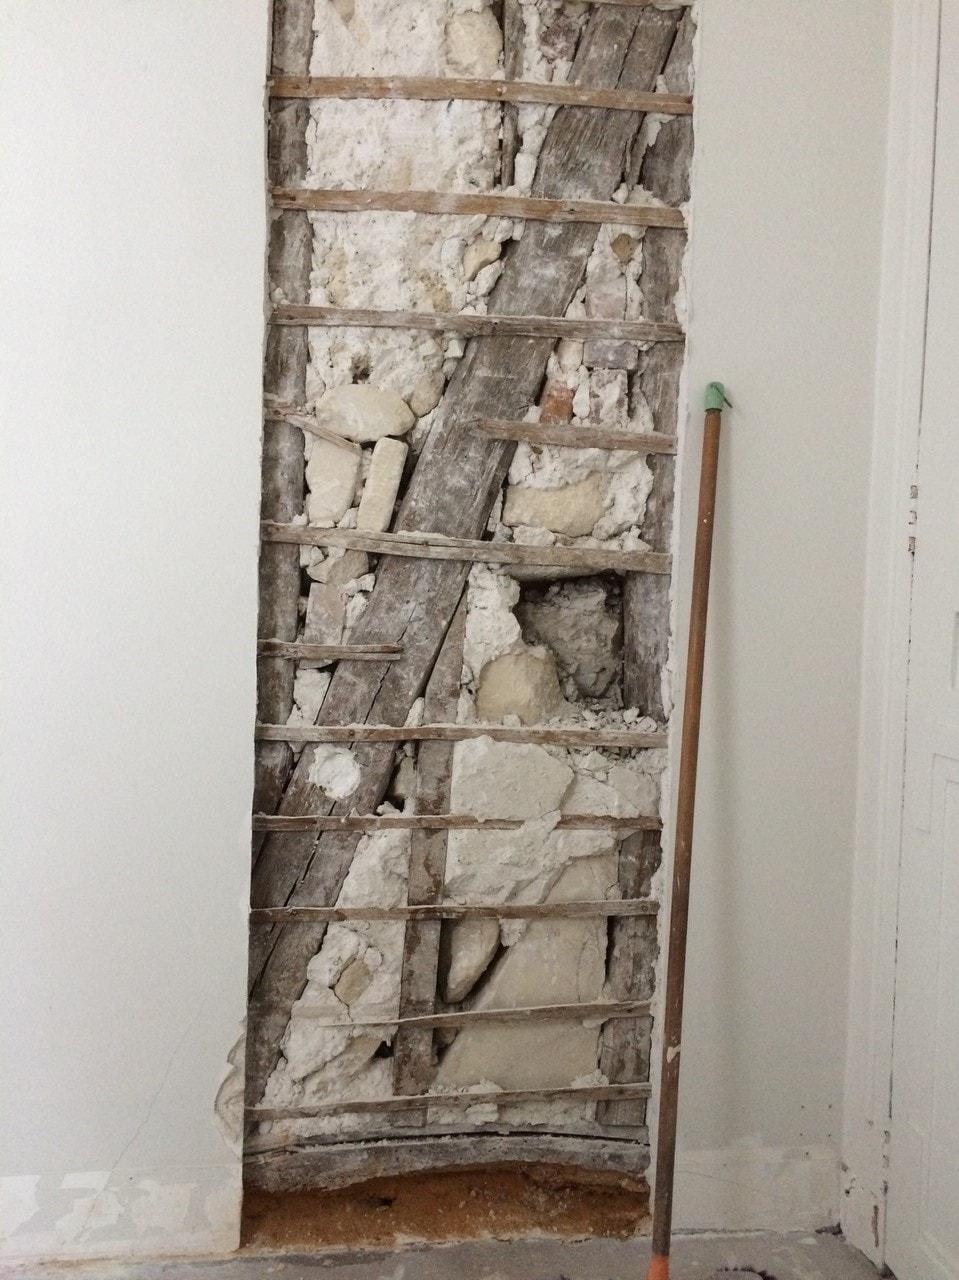 Ouverture d'une baie dans un mur porteur en colombage réalisé à Levallois-Perret. Renforcement par structure métallique - Murs porteurs